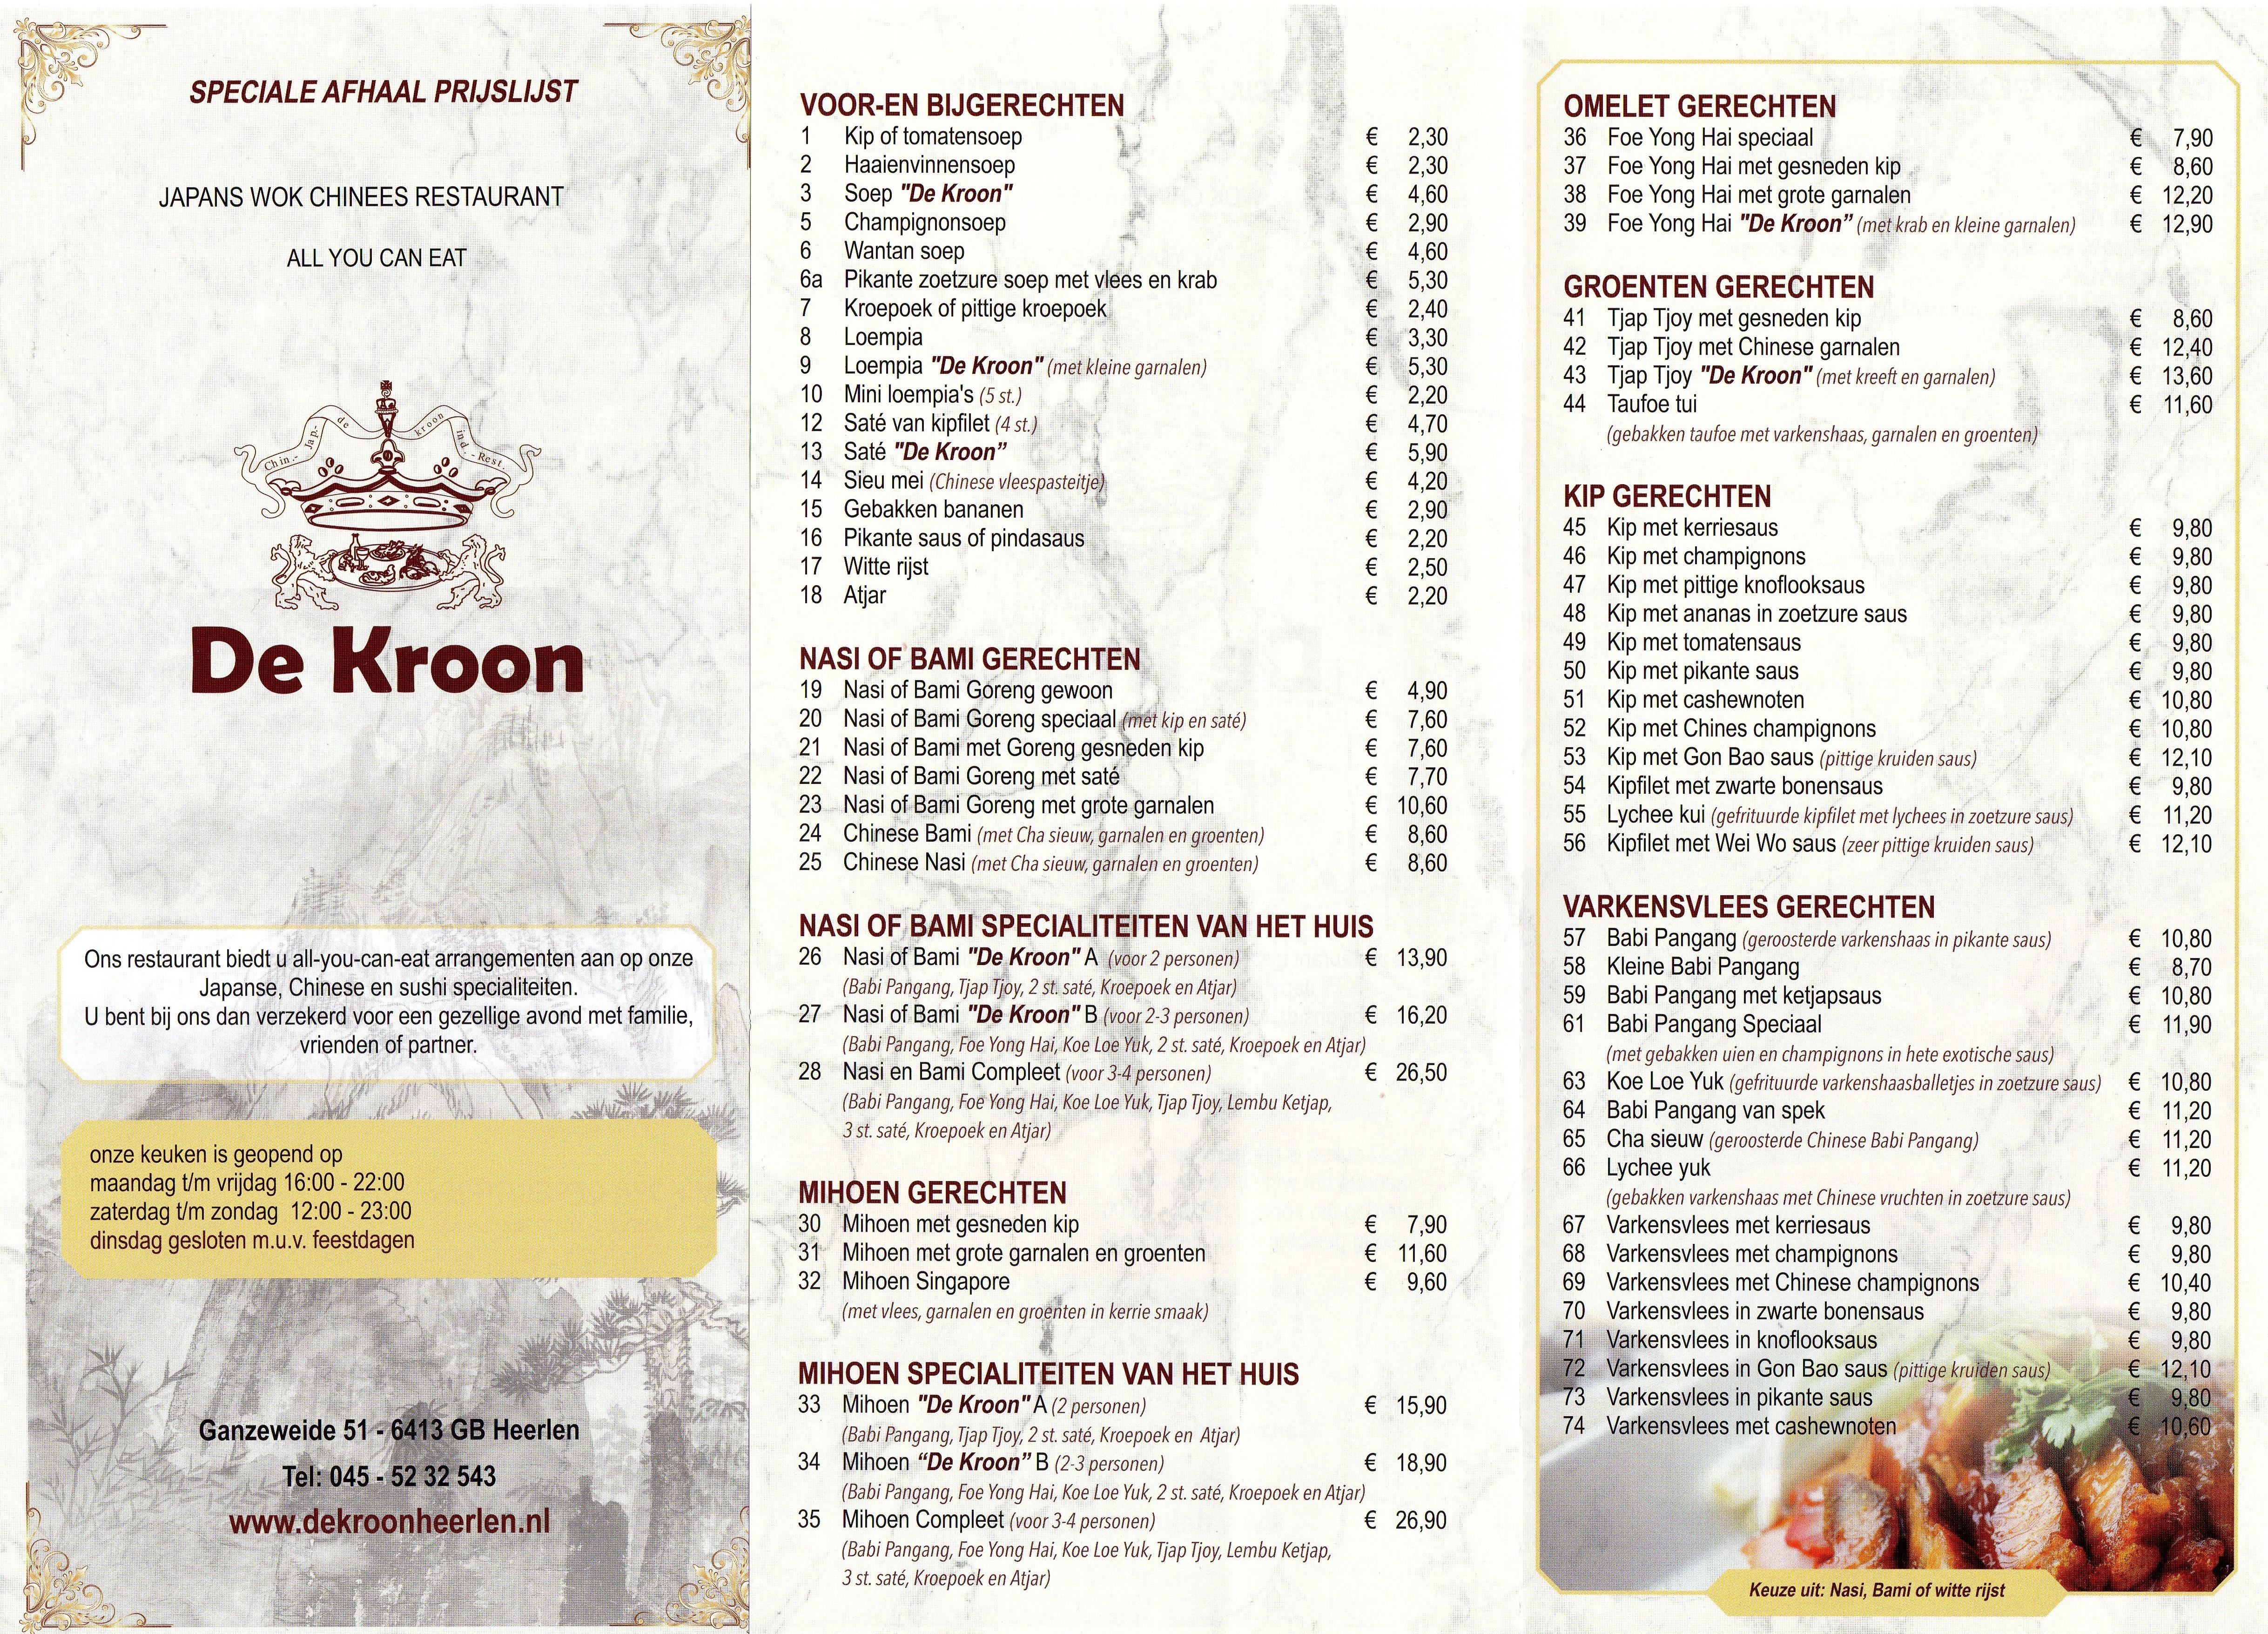 De Kroon Heerlen Afhaalmenukaart 2016